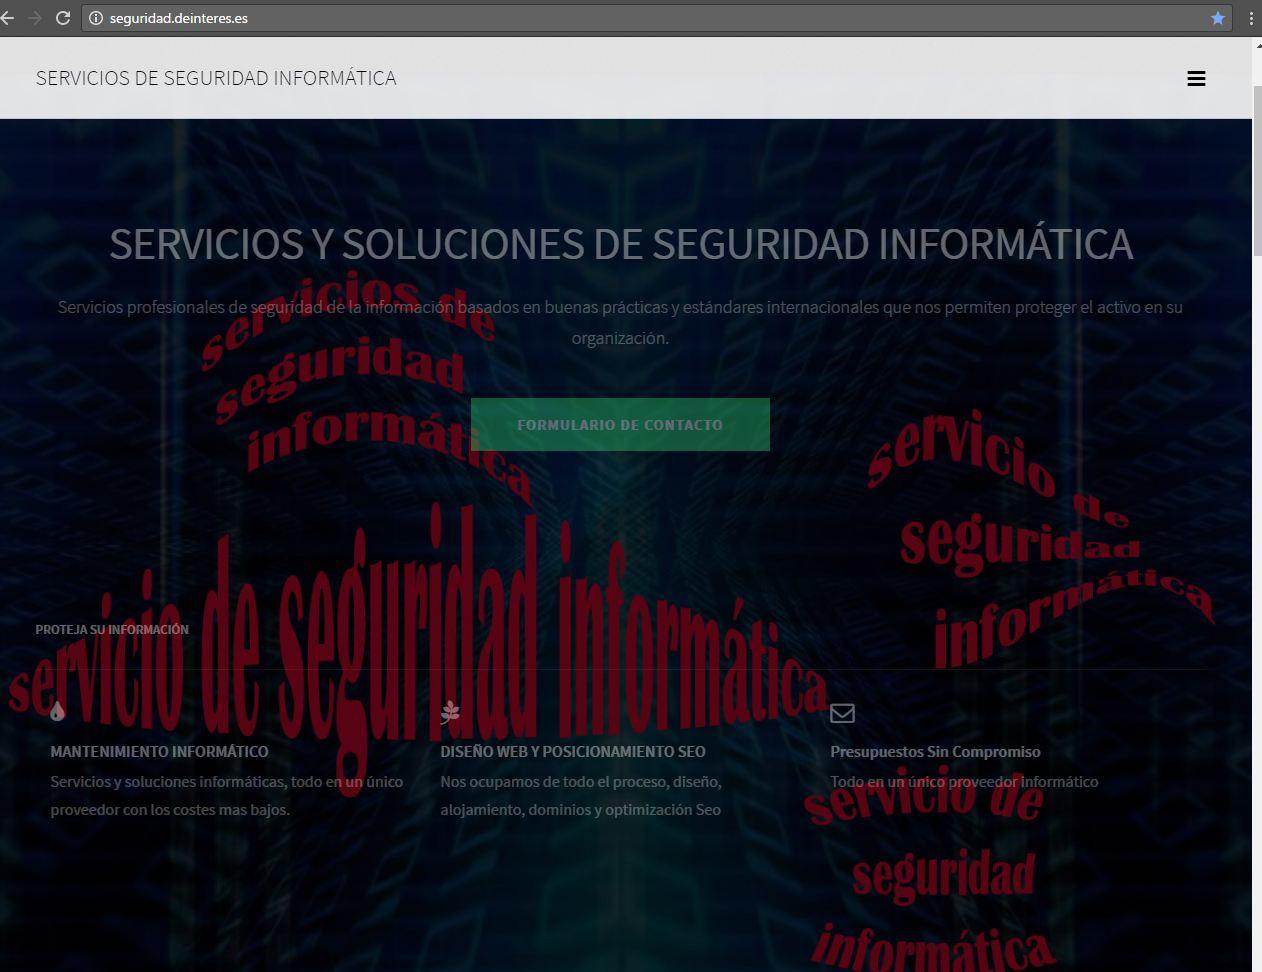 Servicio de seguridad informática